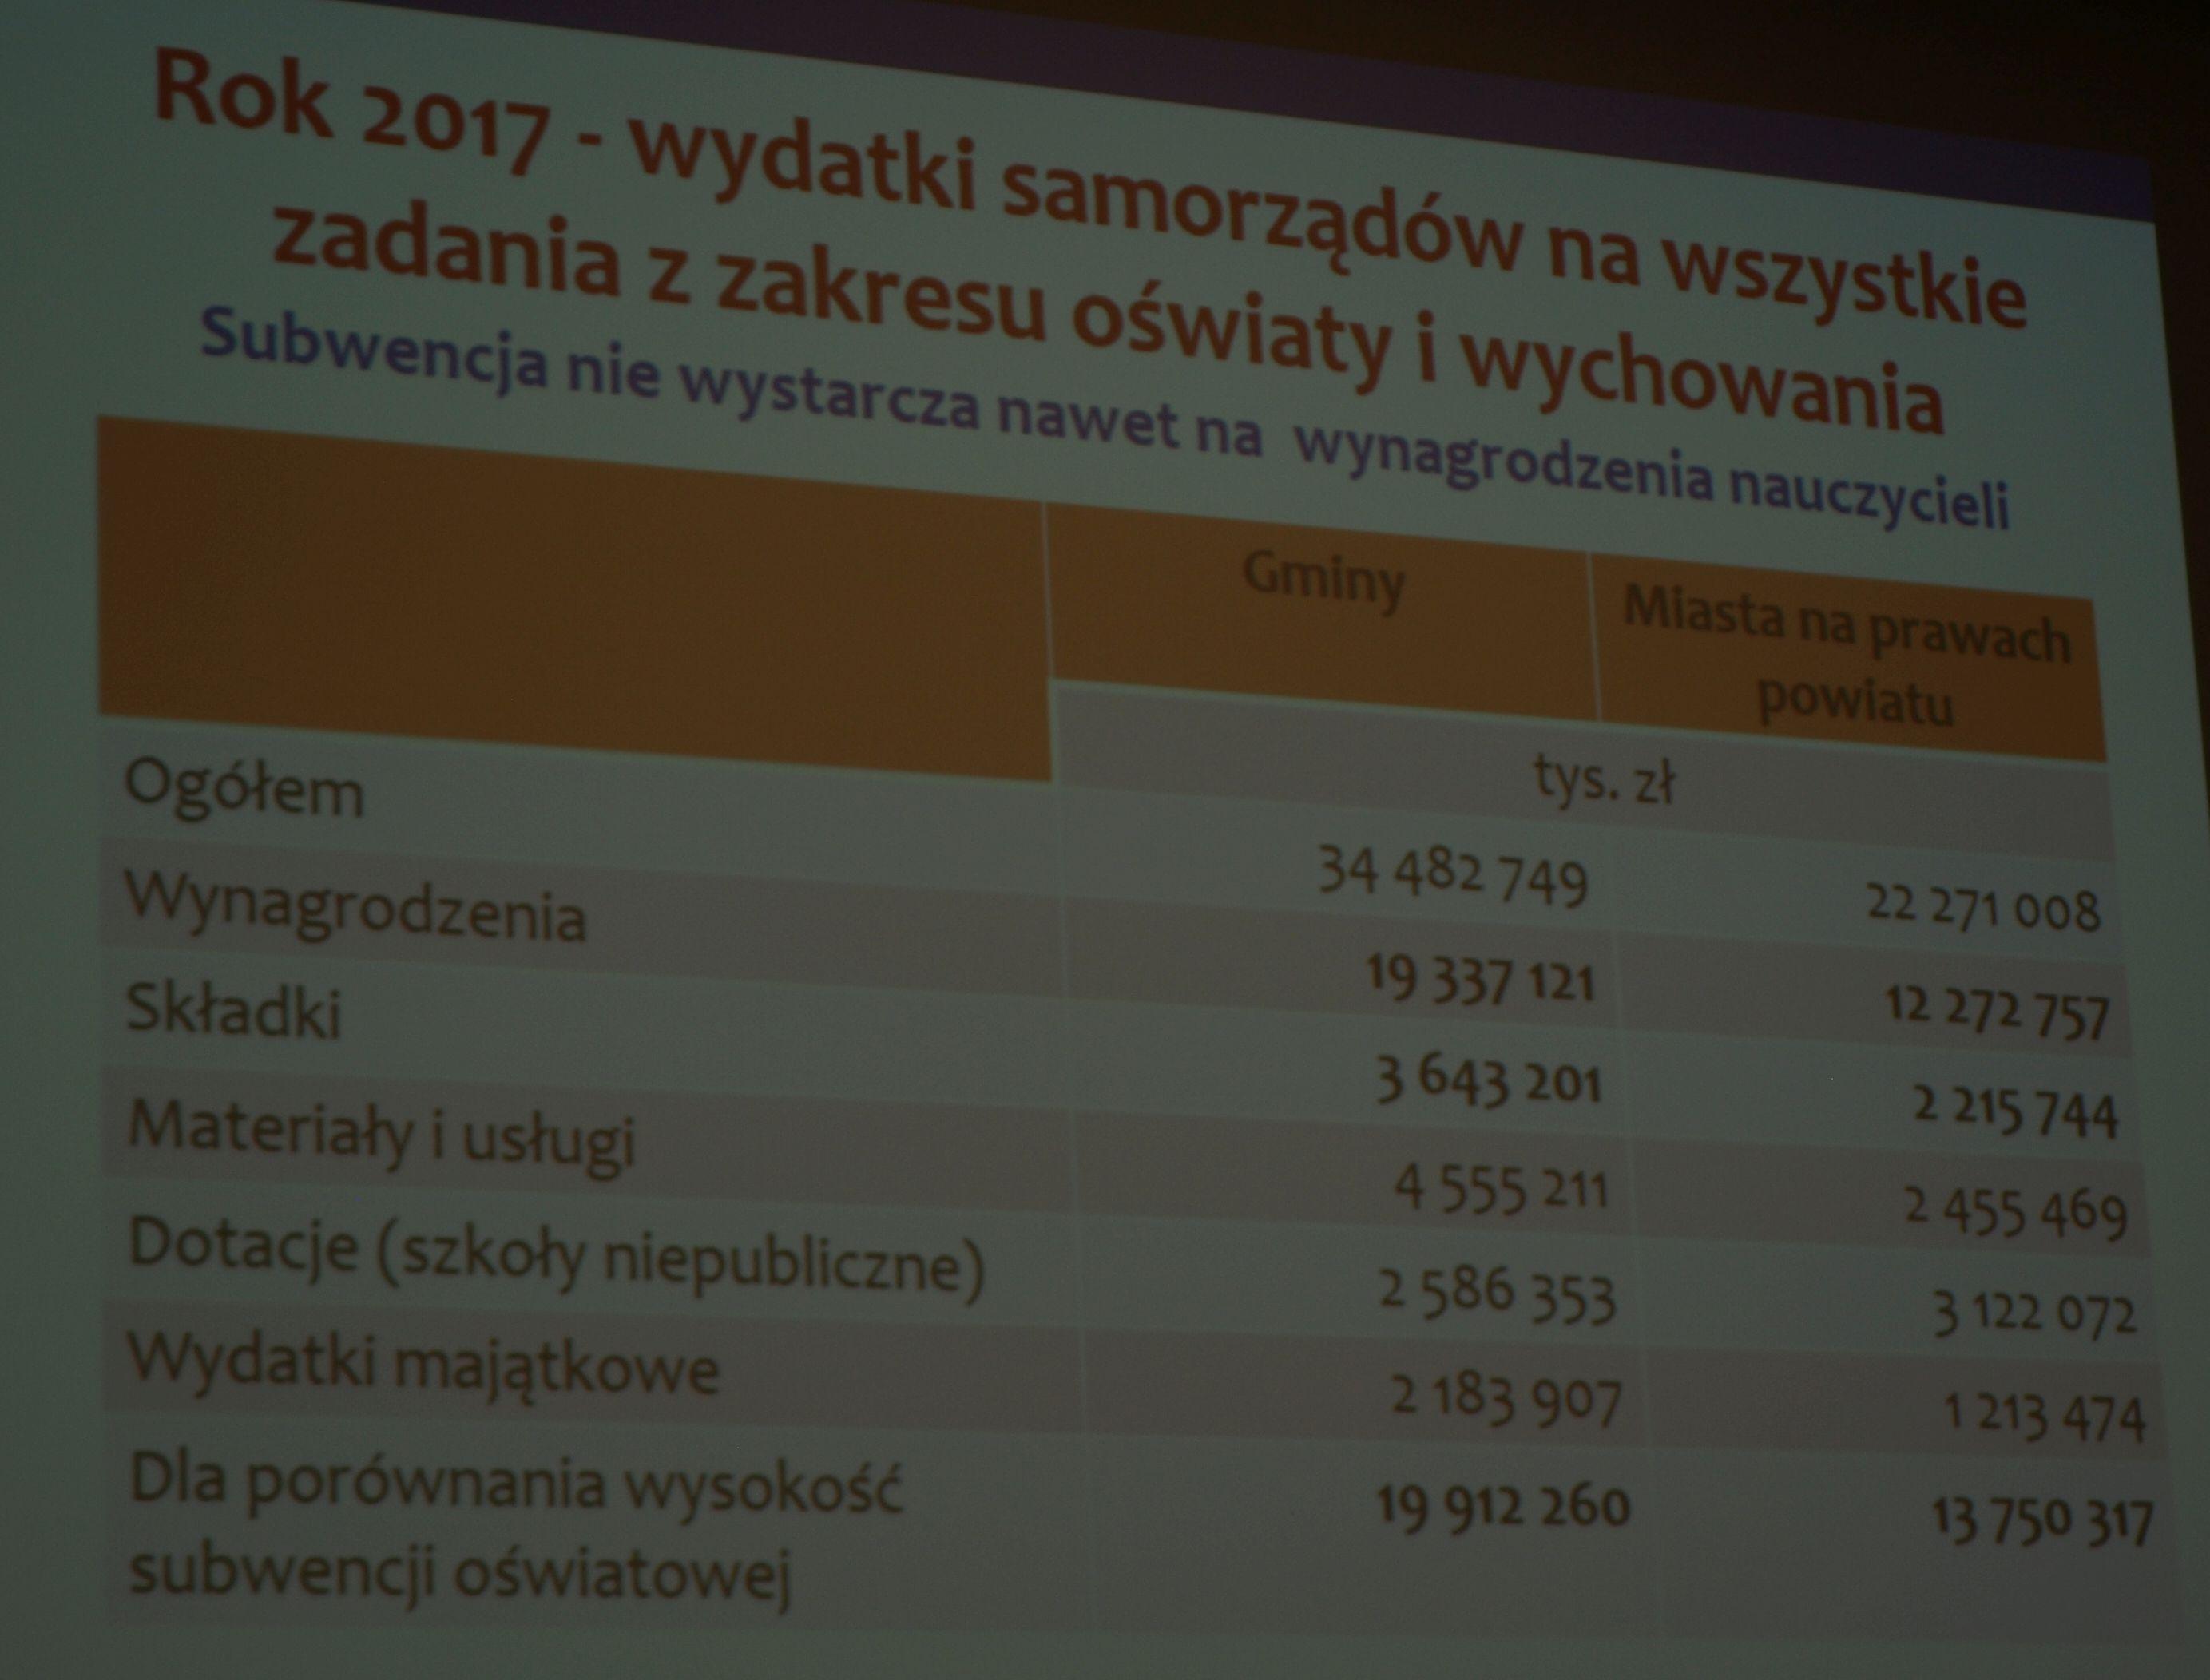 Wydatki samorządów na wszystkie zadania z zakresu oświaty i wychowania. Mat. ZMP